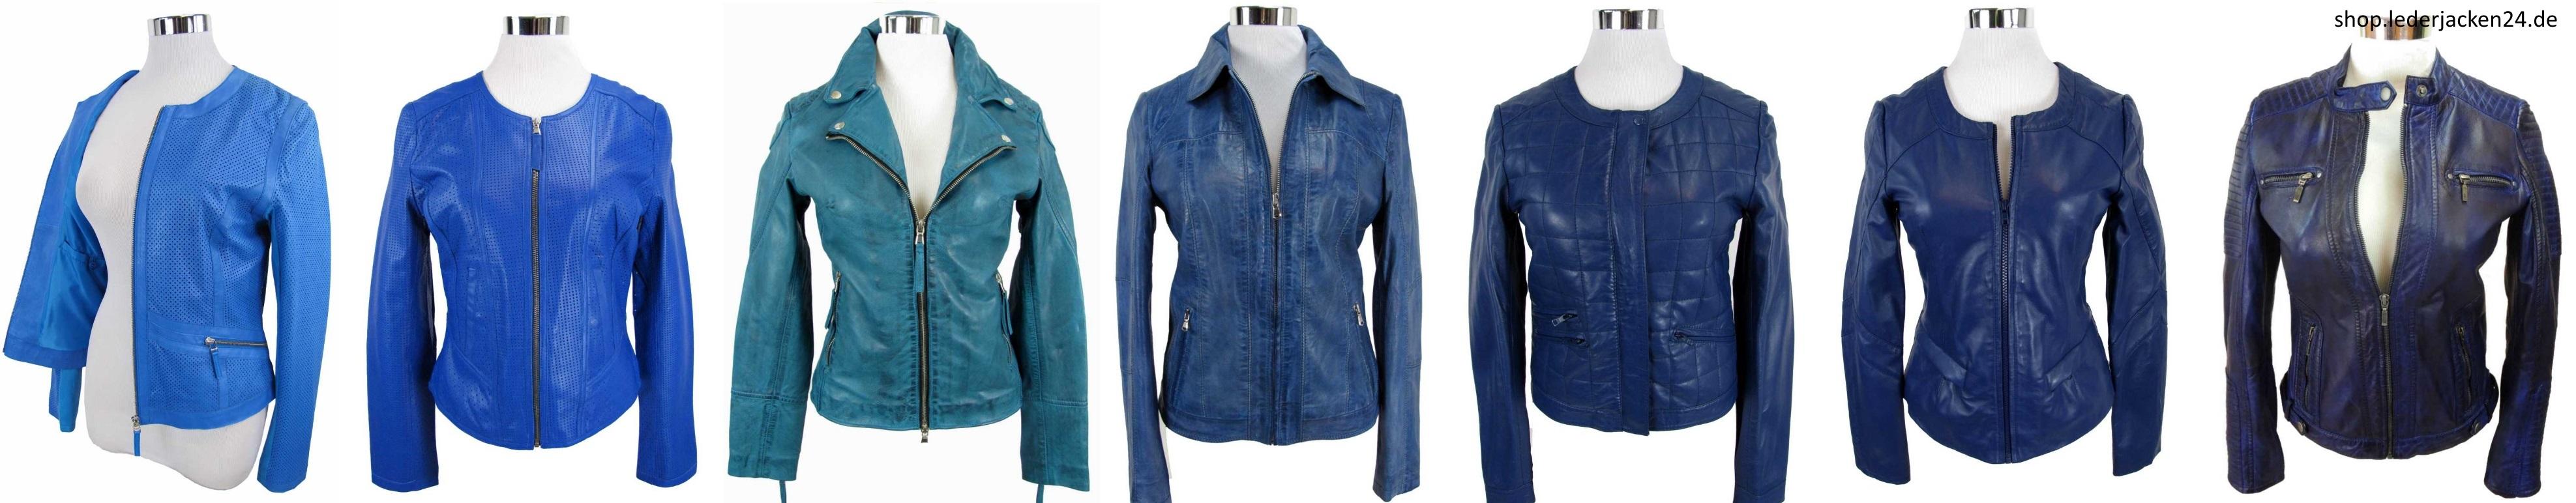 verschiedene blaue Lederjacken bei shop.lederjacken24.de